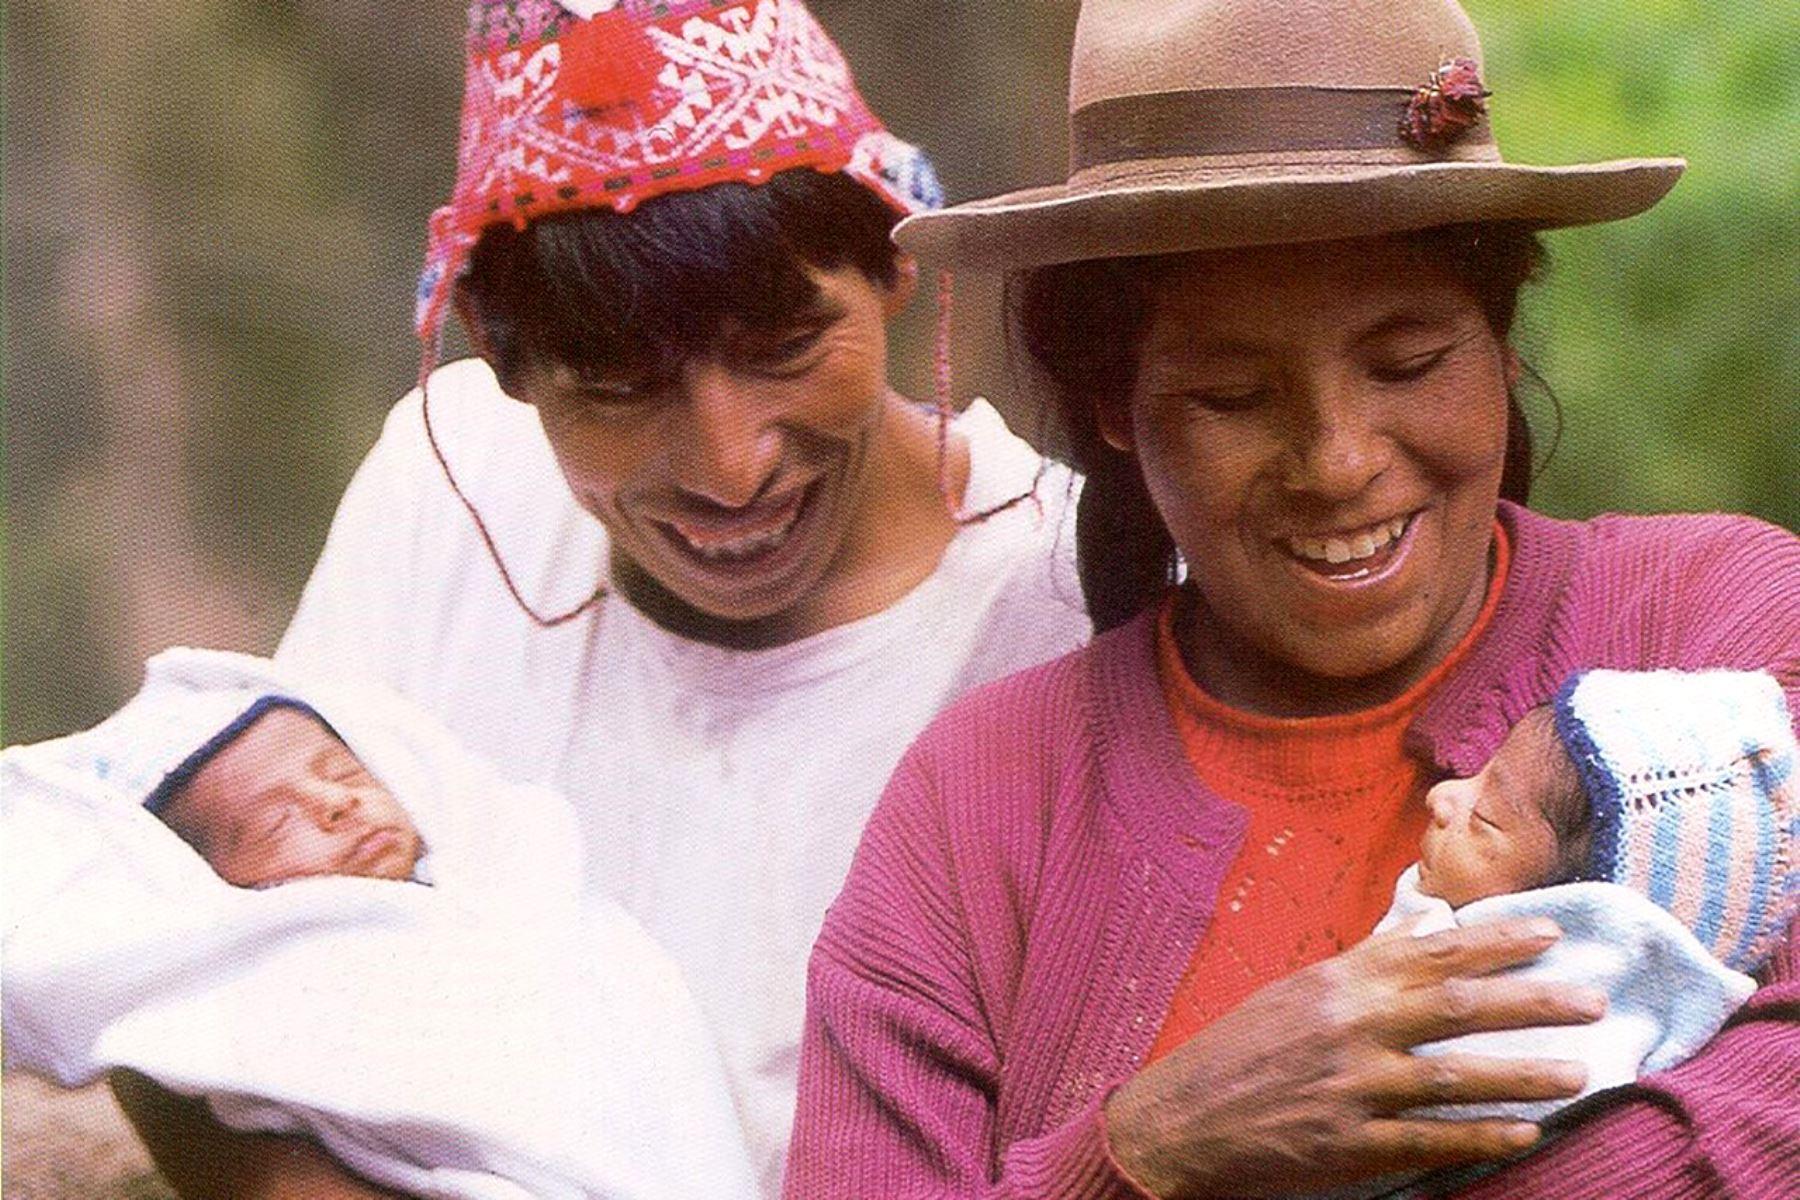 La familia Suttaraura, cuando Josué Abdías y Josué Abraham, sus hijos gemelos recién había nacido hace 20 años y hoy son jóvenes saludables. Foto: ANDINA/Difusión